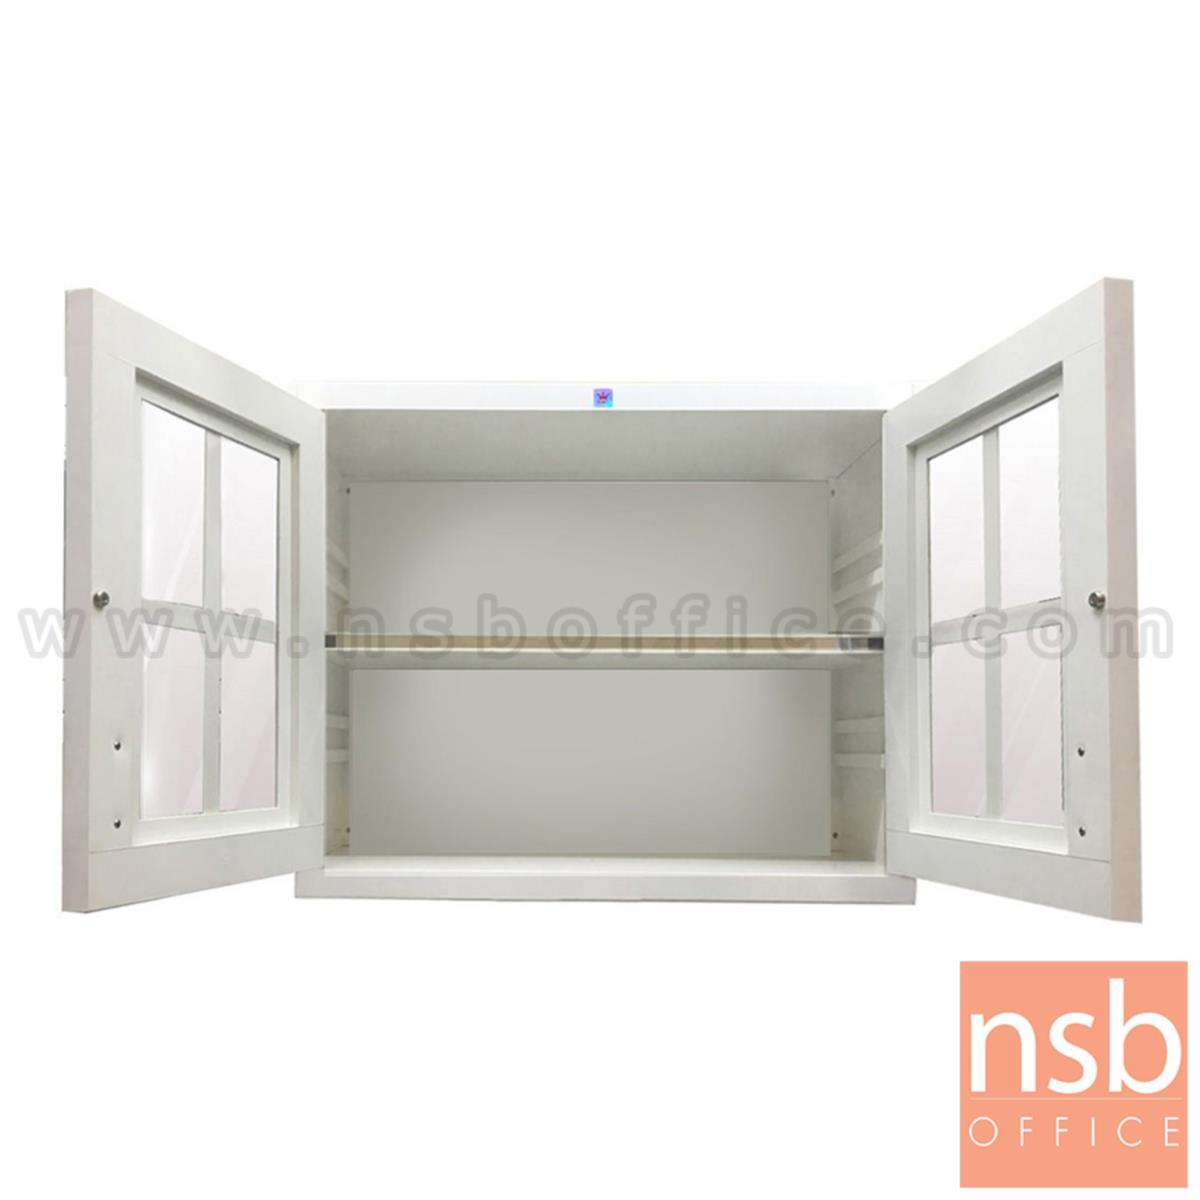 ตู้แขวนลอย PVC รุ่น Buttercup (บัตเทอร์คัพ)  หน้าบานกระจก